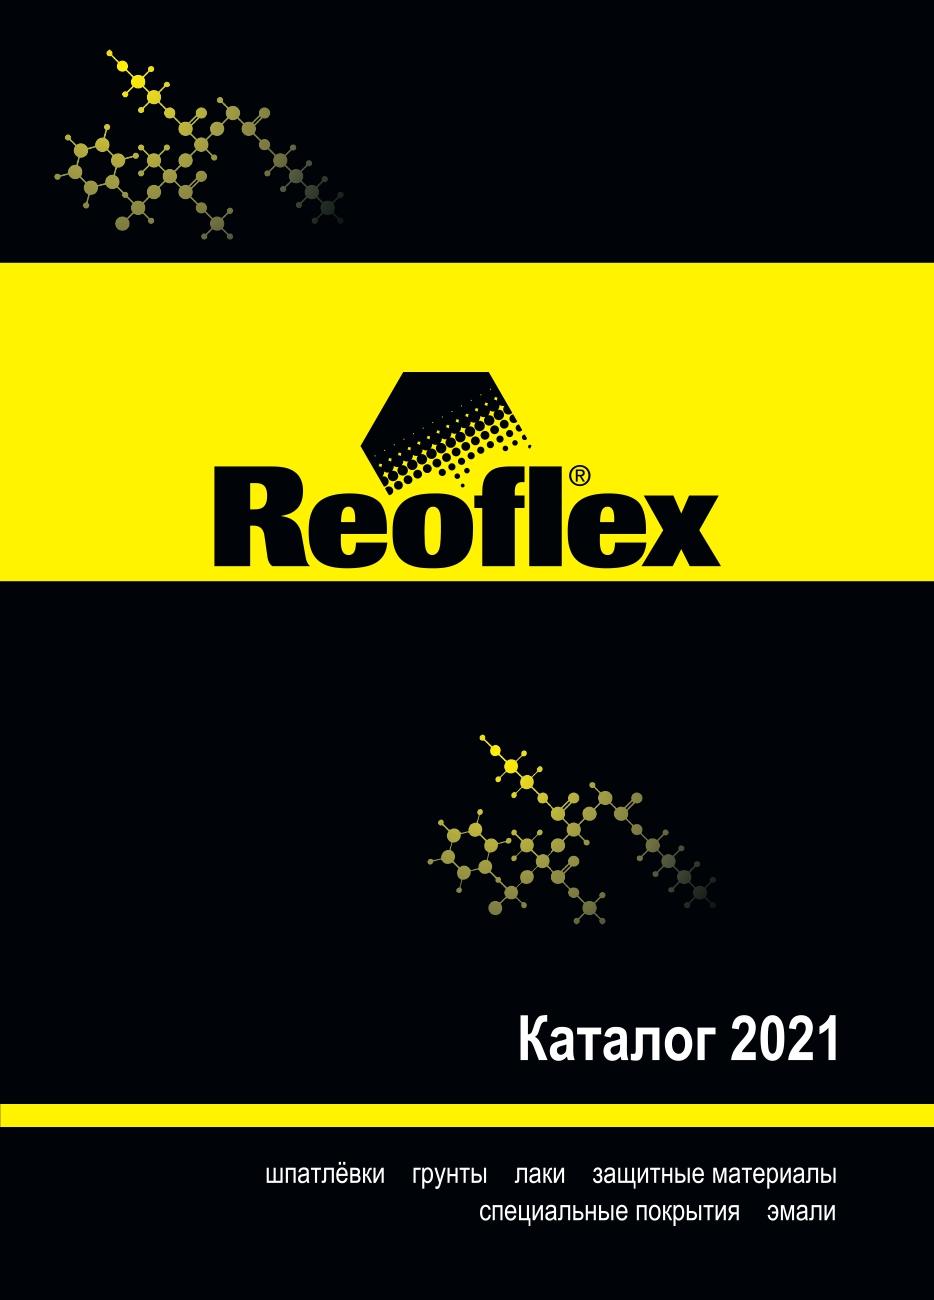 Каталог бренда Reoflex - new